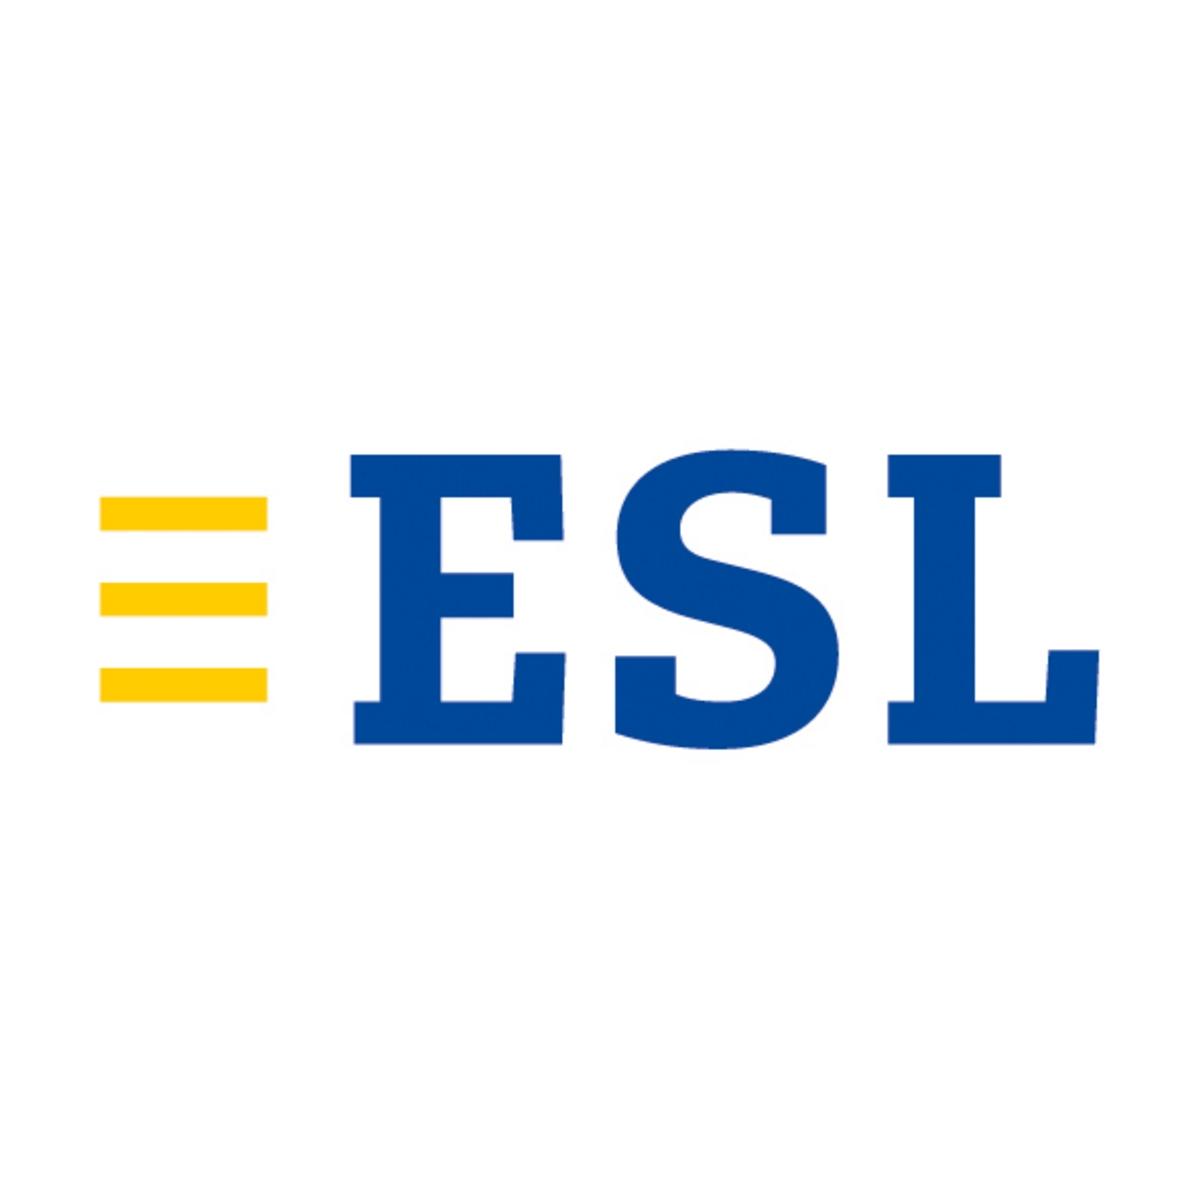 ESL - Soggiorni linguistici